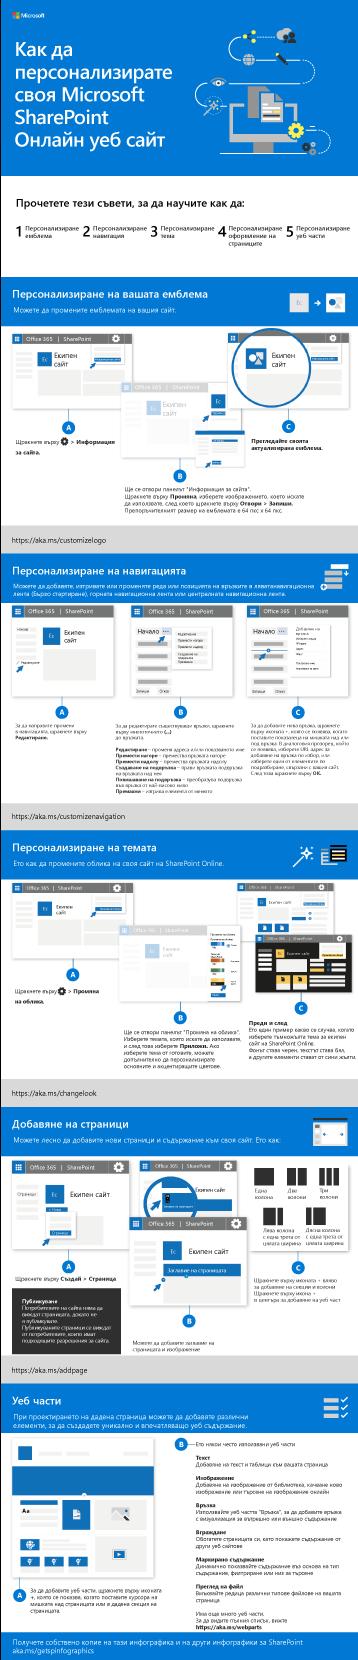 Персонализиране на вашия сайт на SharePoint